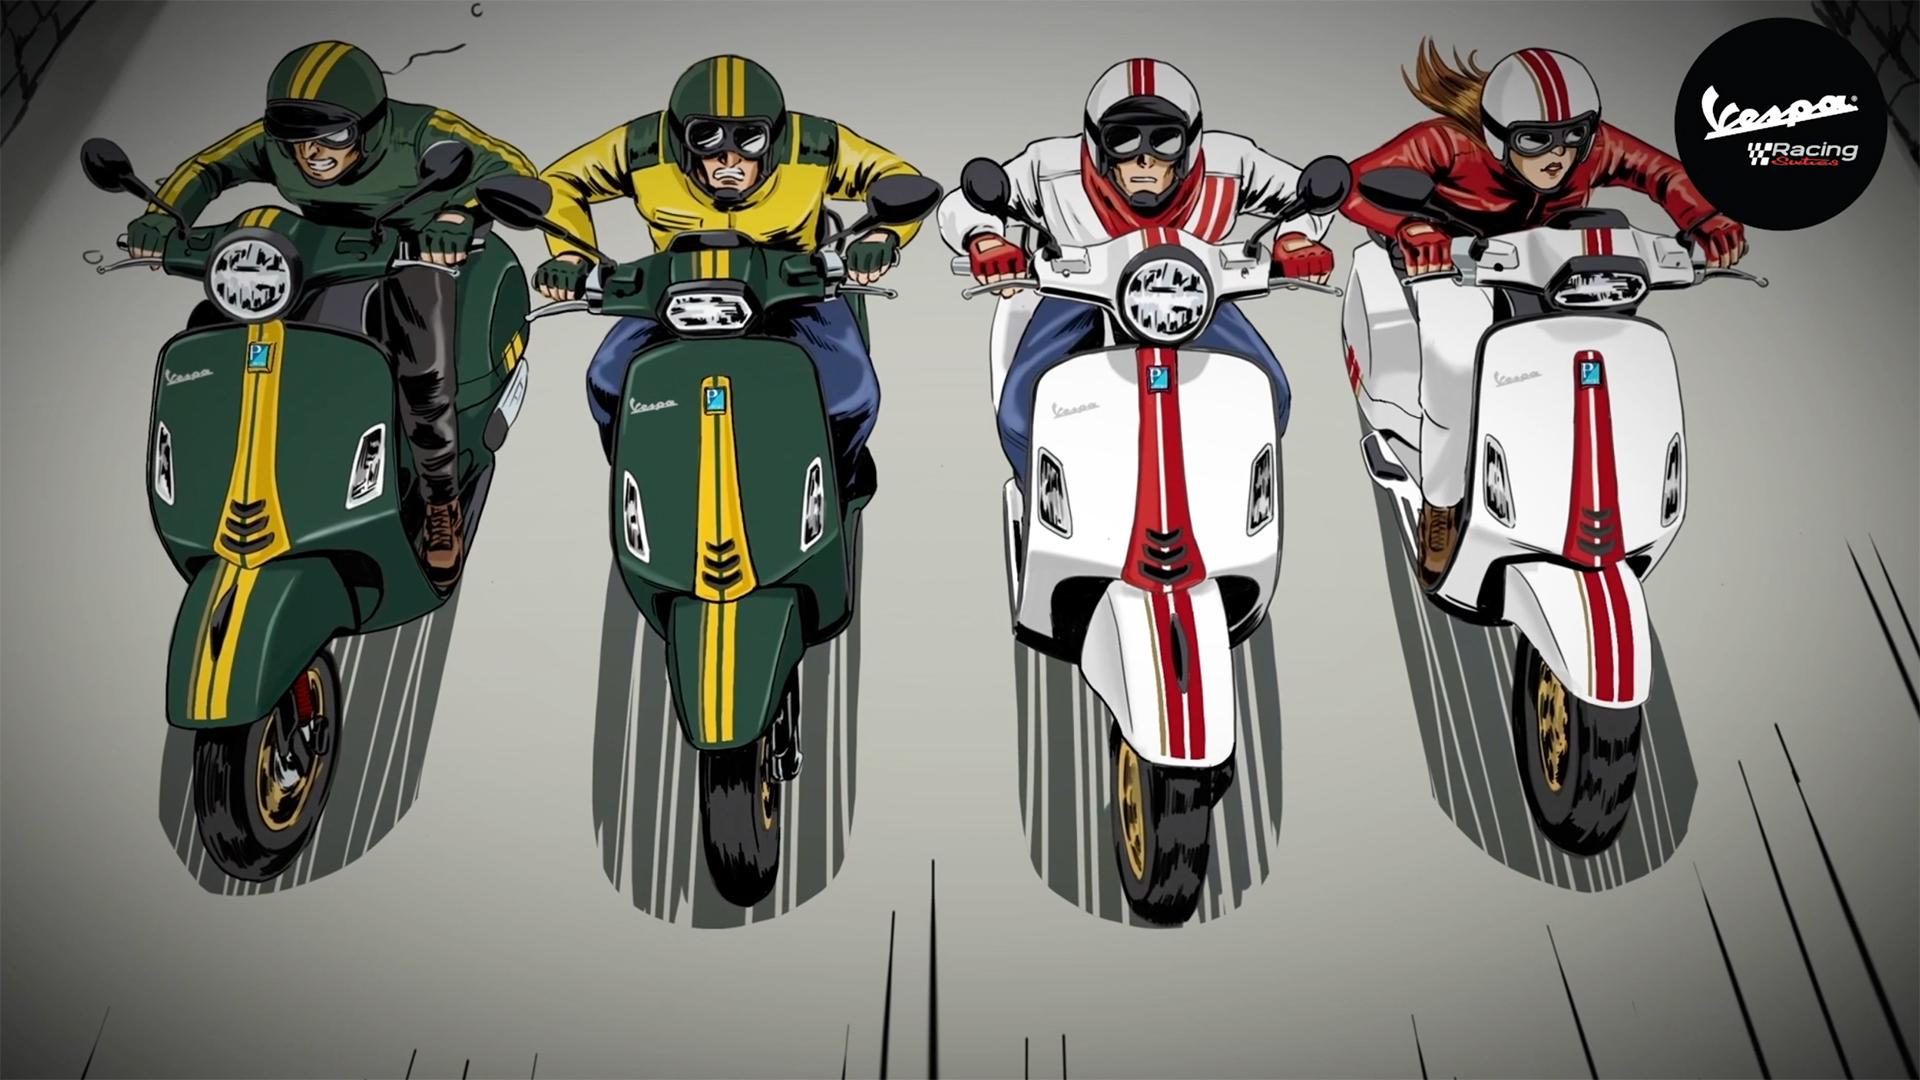 Vespa Racing Sixties - Trở lại kỷ nguyên huyền thoại